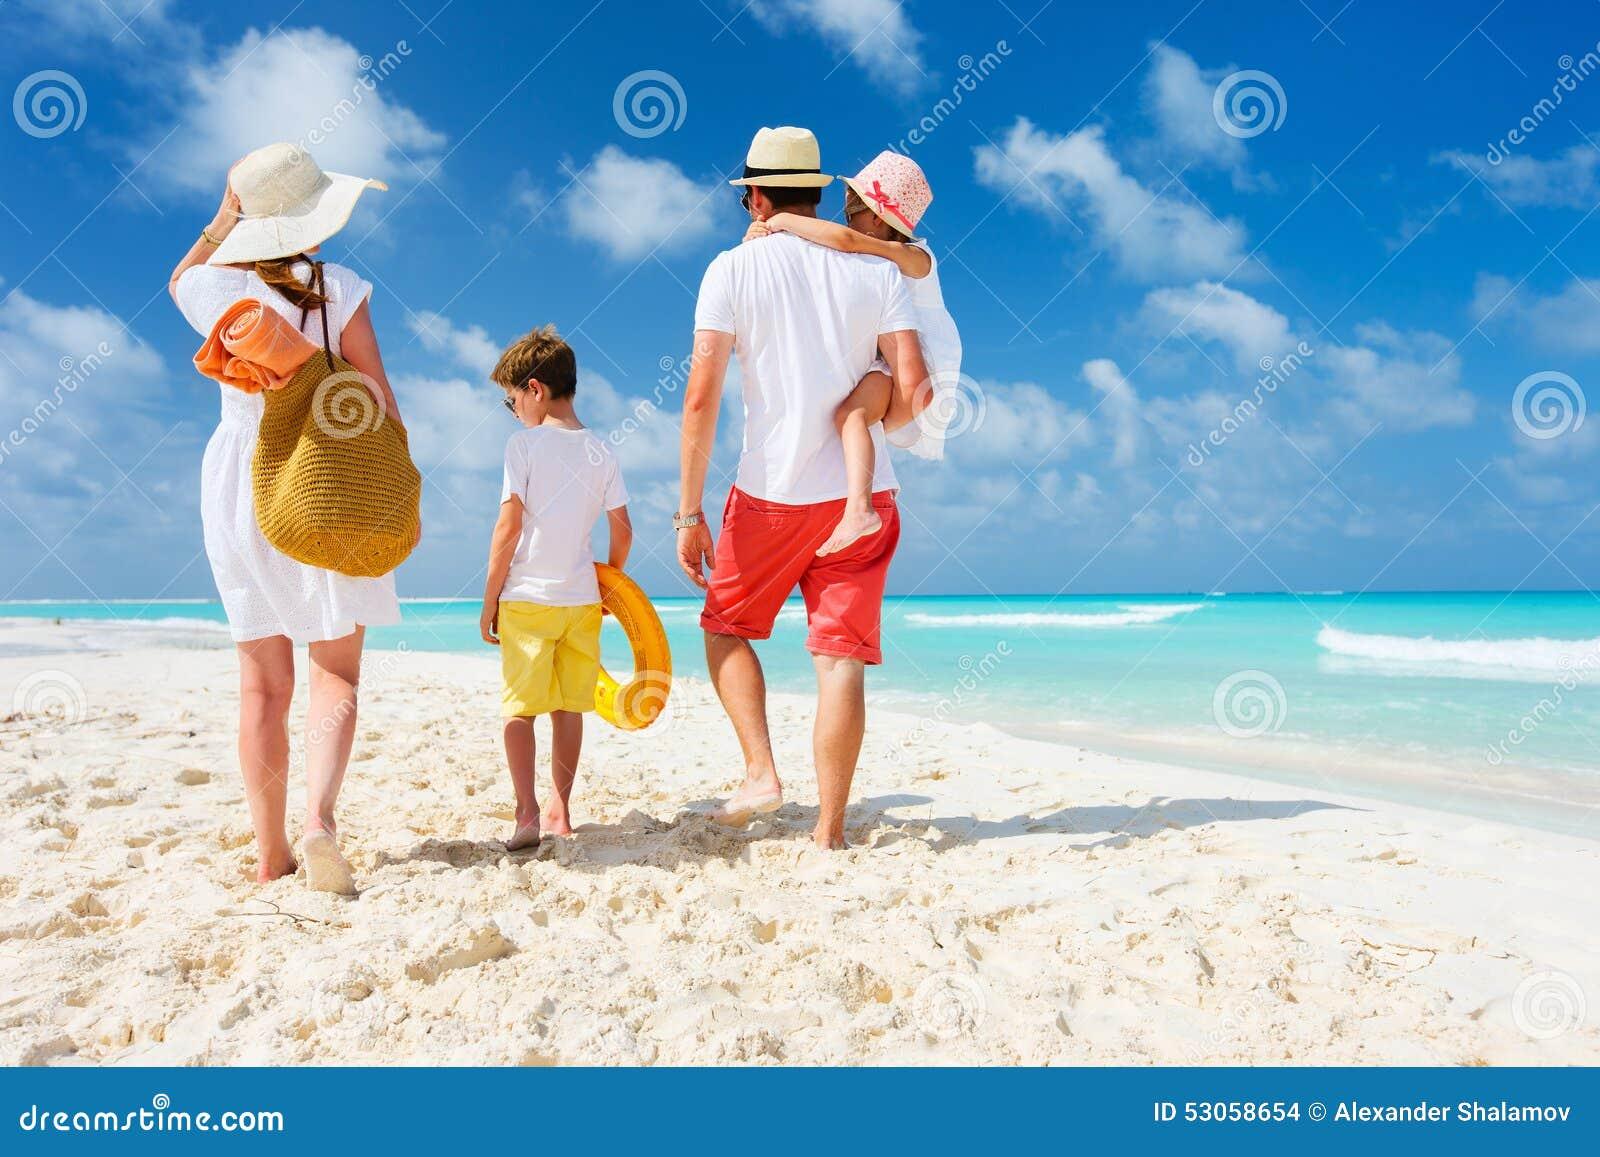 Vacaciones de la playa de la familia